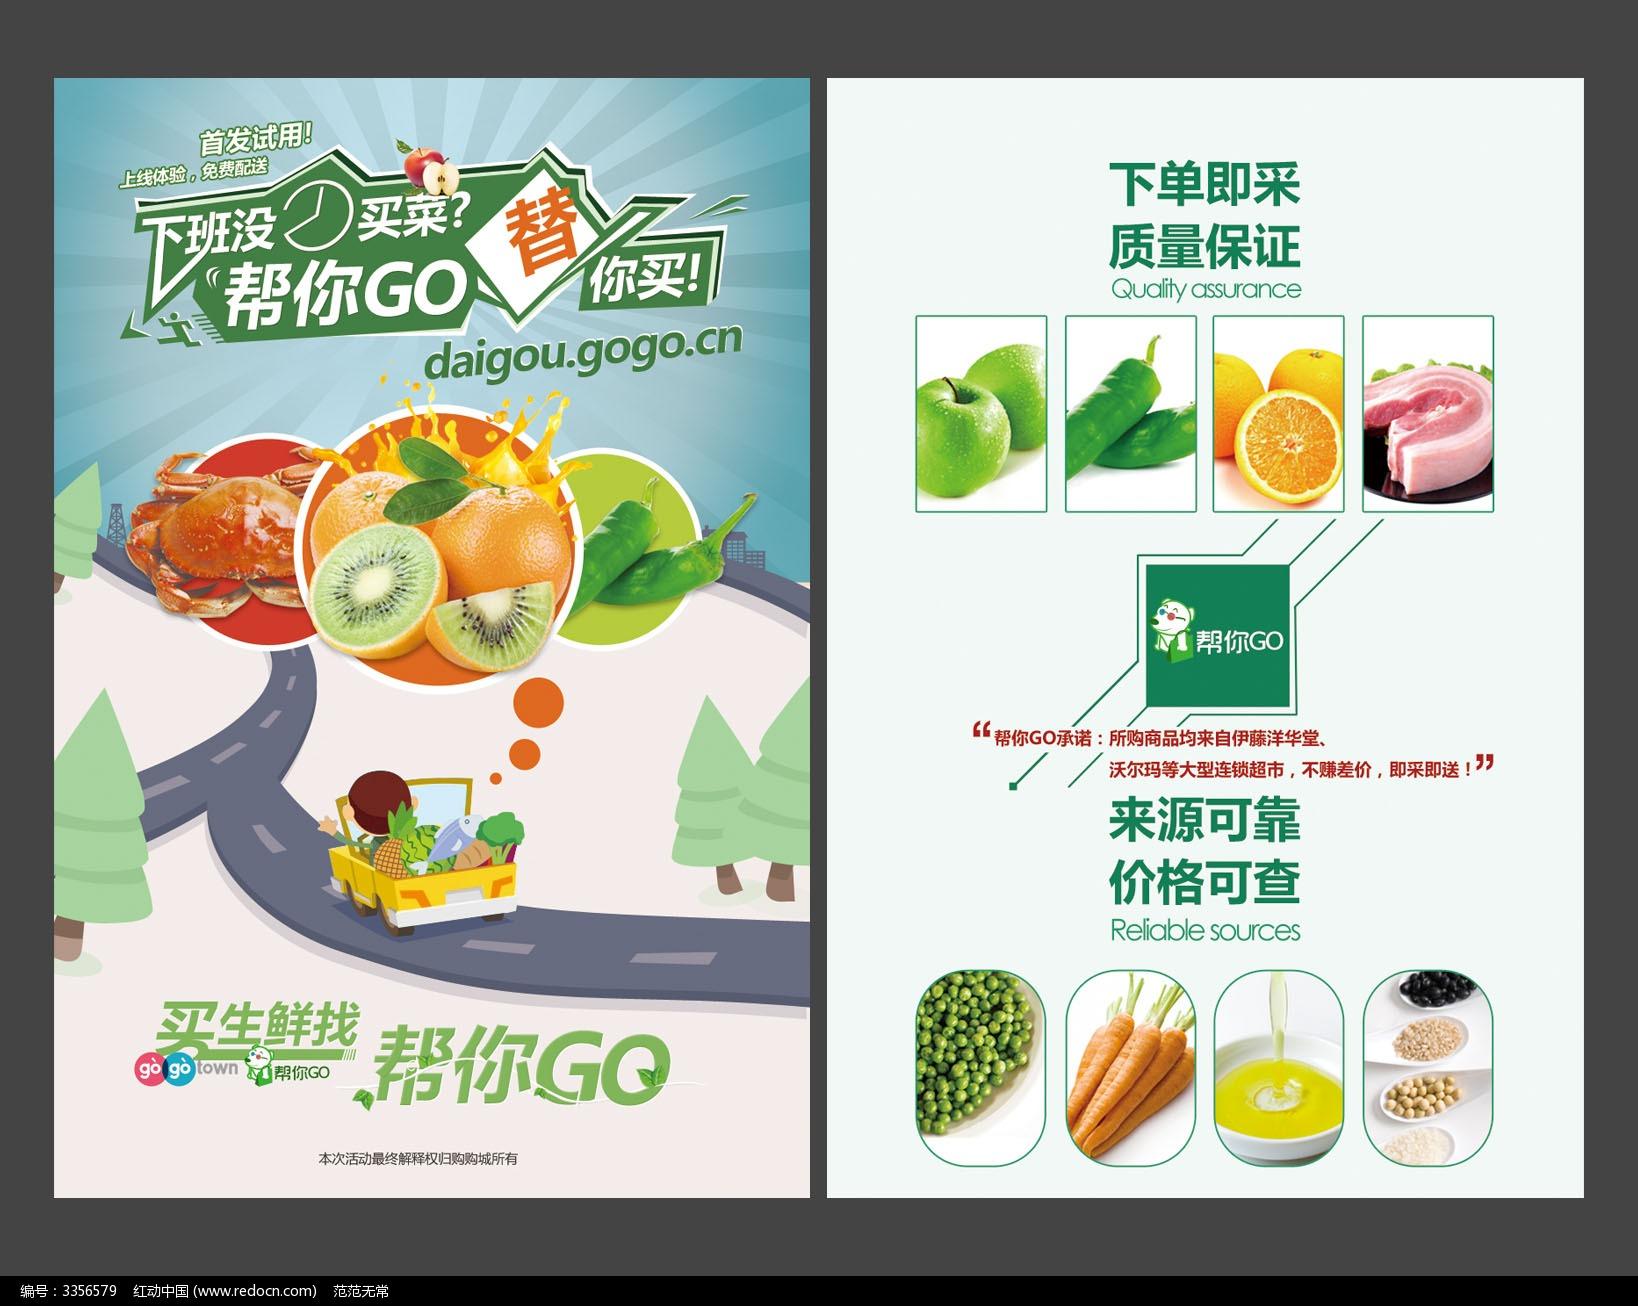 蔬菜代购活动dm单设计_海报设计/宣传单/广告牌图片